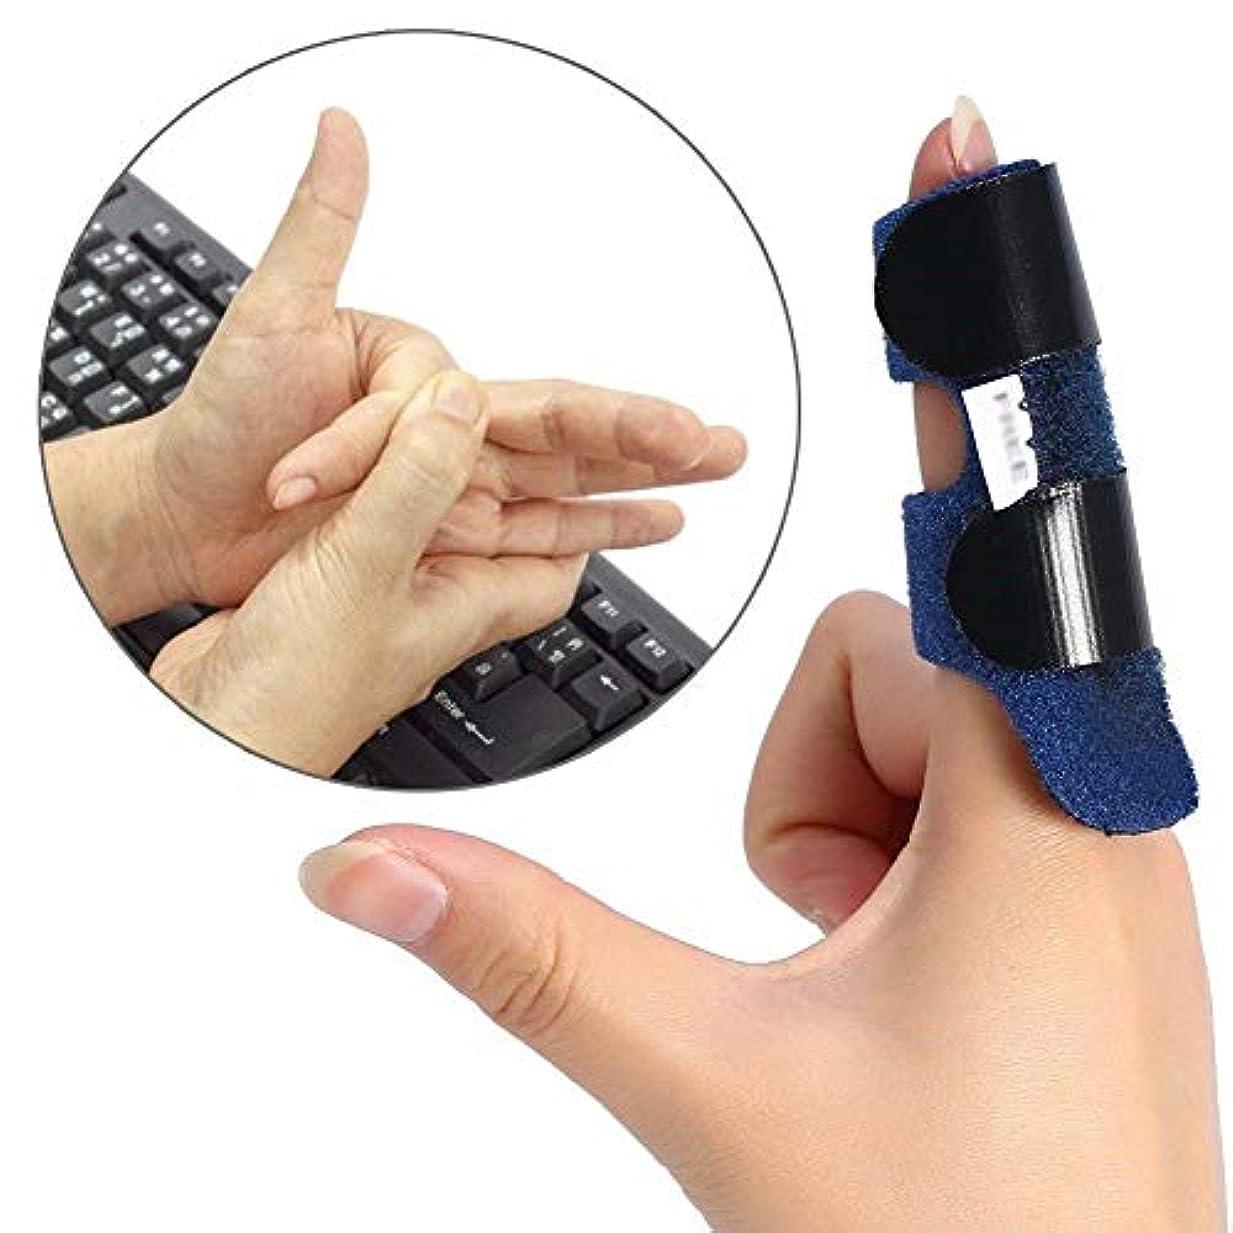 ありふれた重量怠なすべての指トリガーの指矯正ブレースに適した指の怪我のサポート-内蔵のアルミニウム調整可能ストラップ